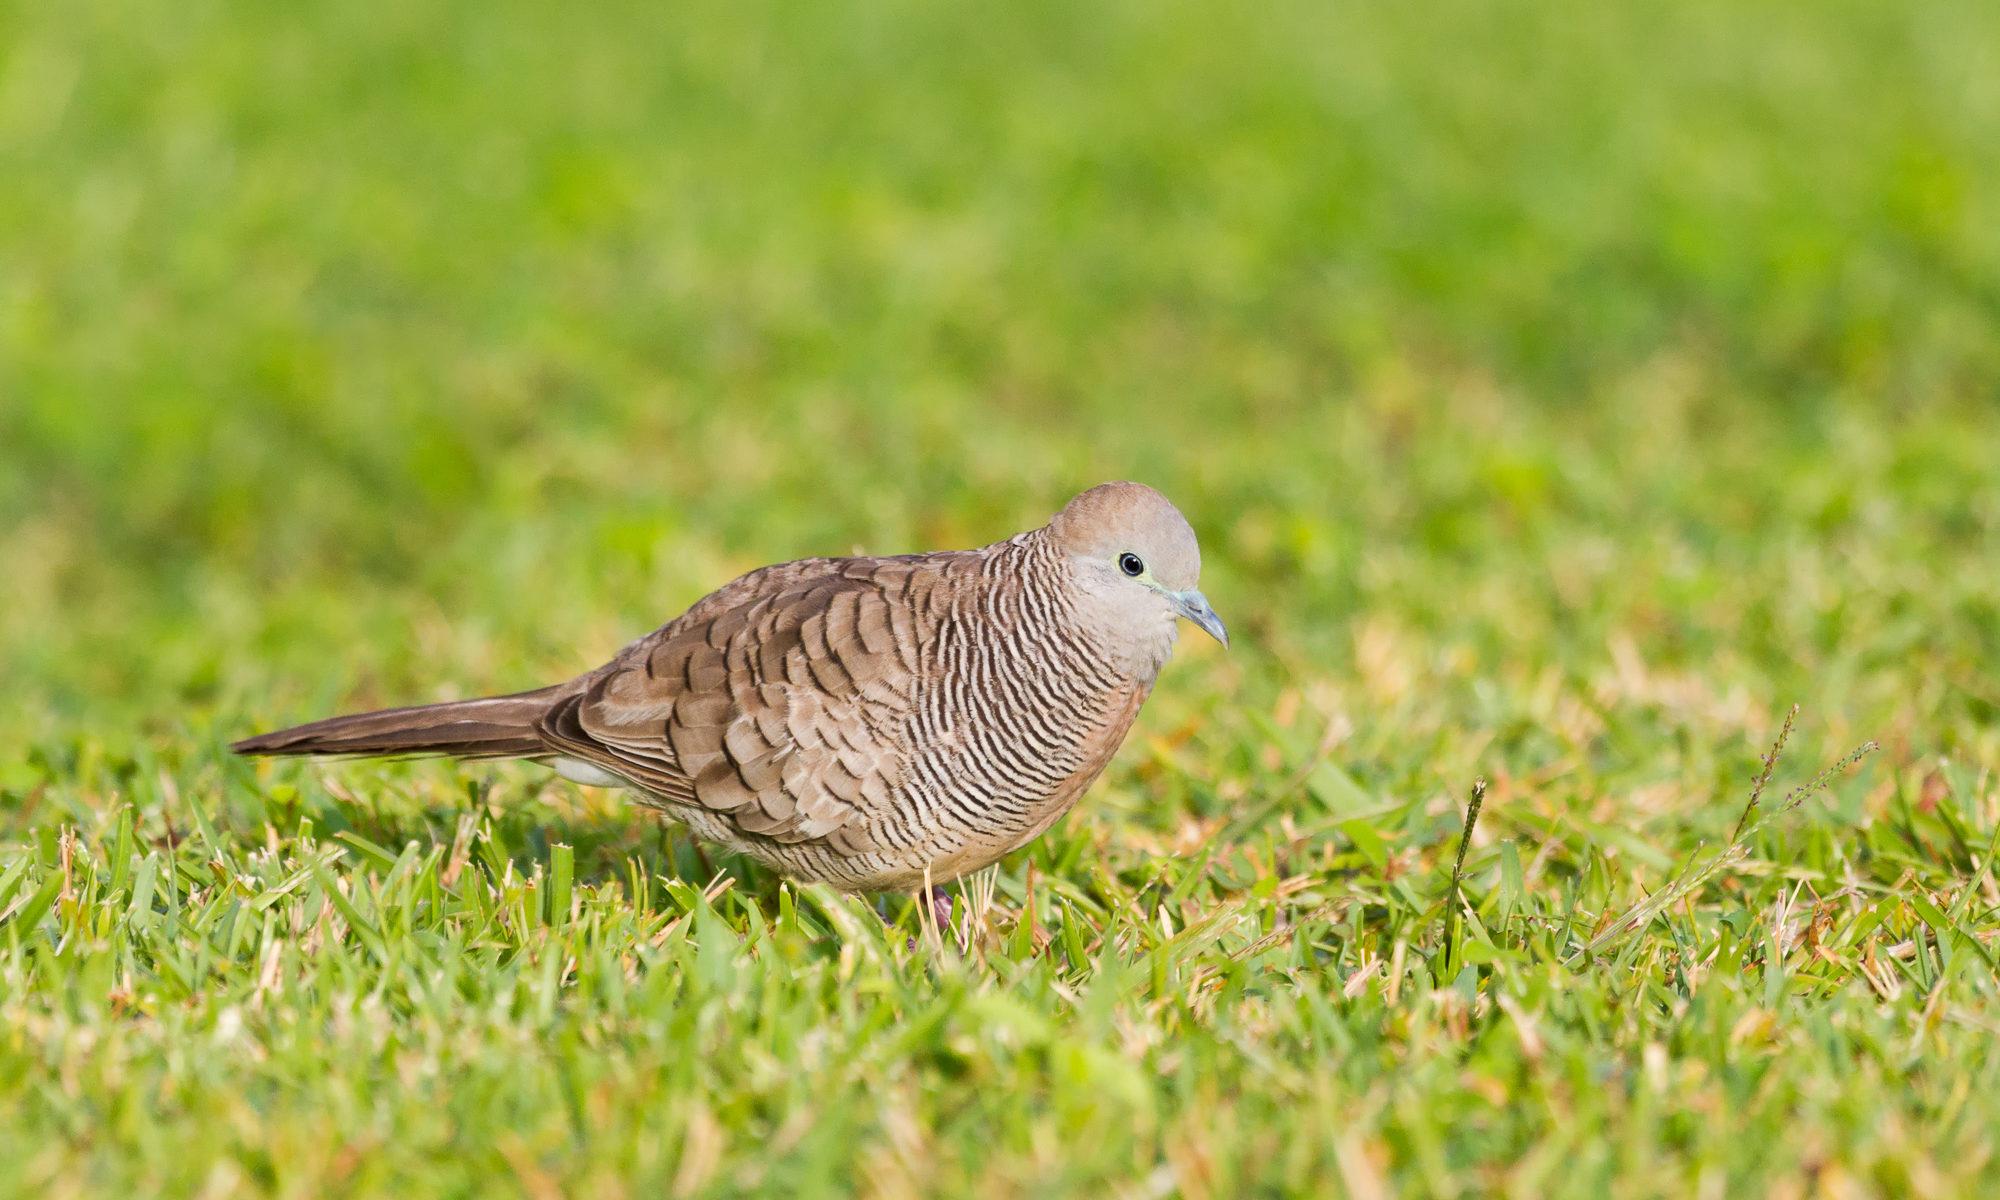 A zebra dove stands in short grass